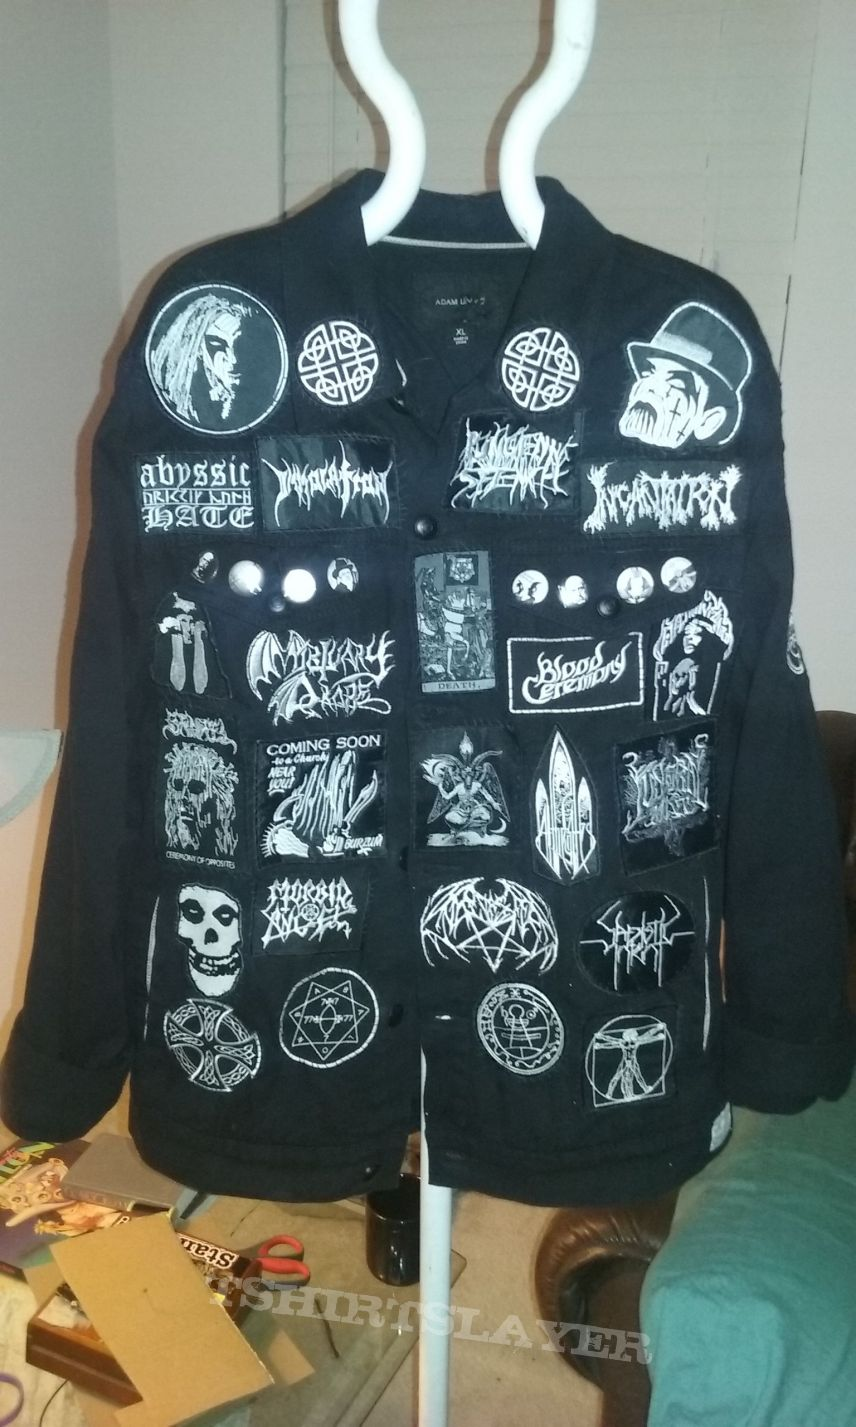 Unfinished Battle Jacket